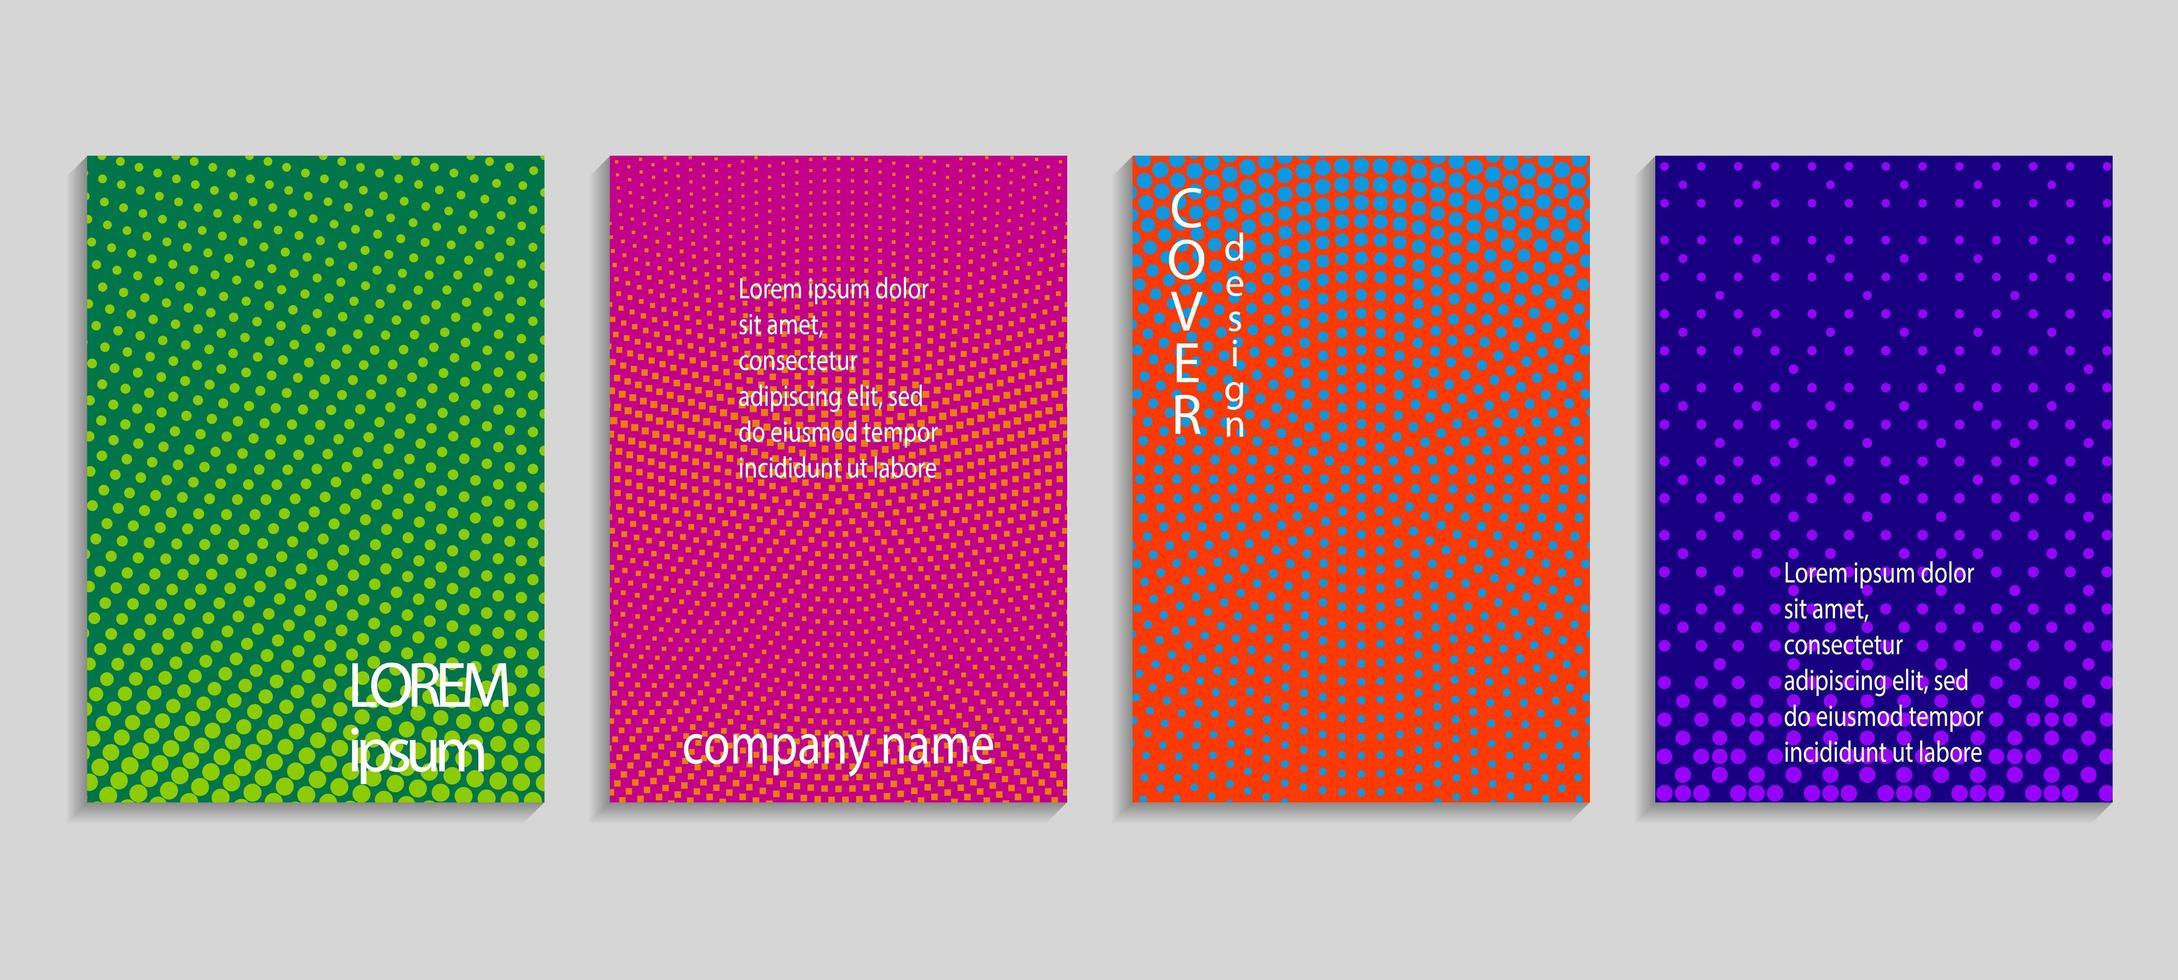 couvertures de motif de demi-teintes circulaires colorées vecteur